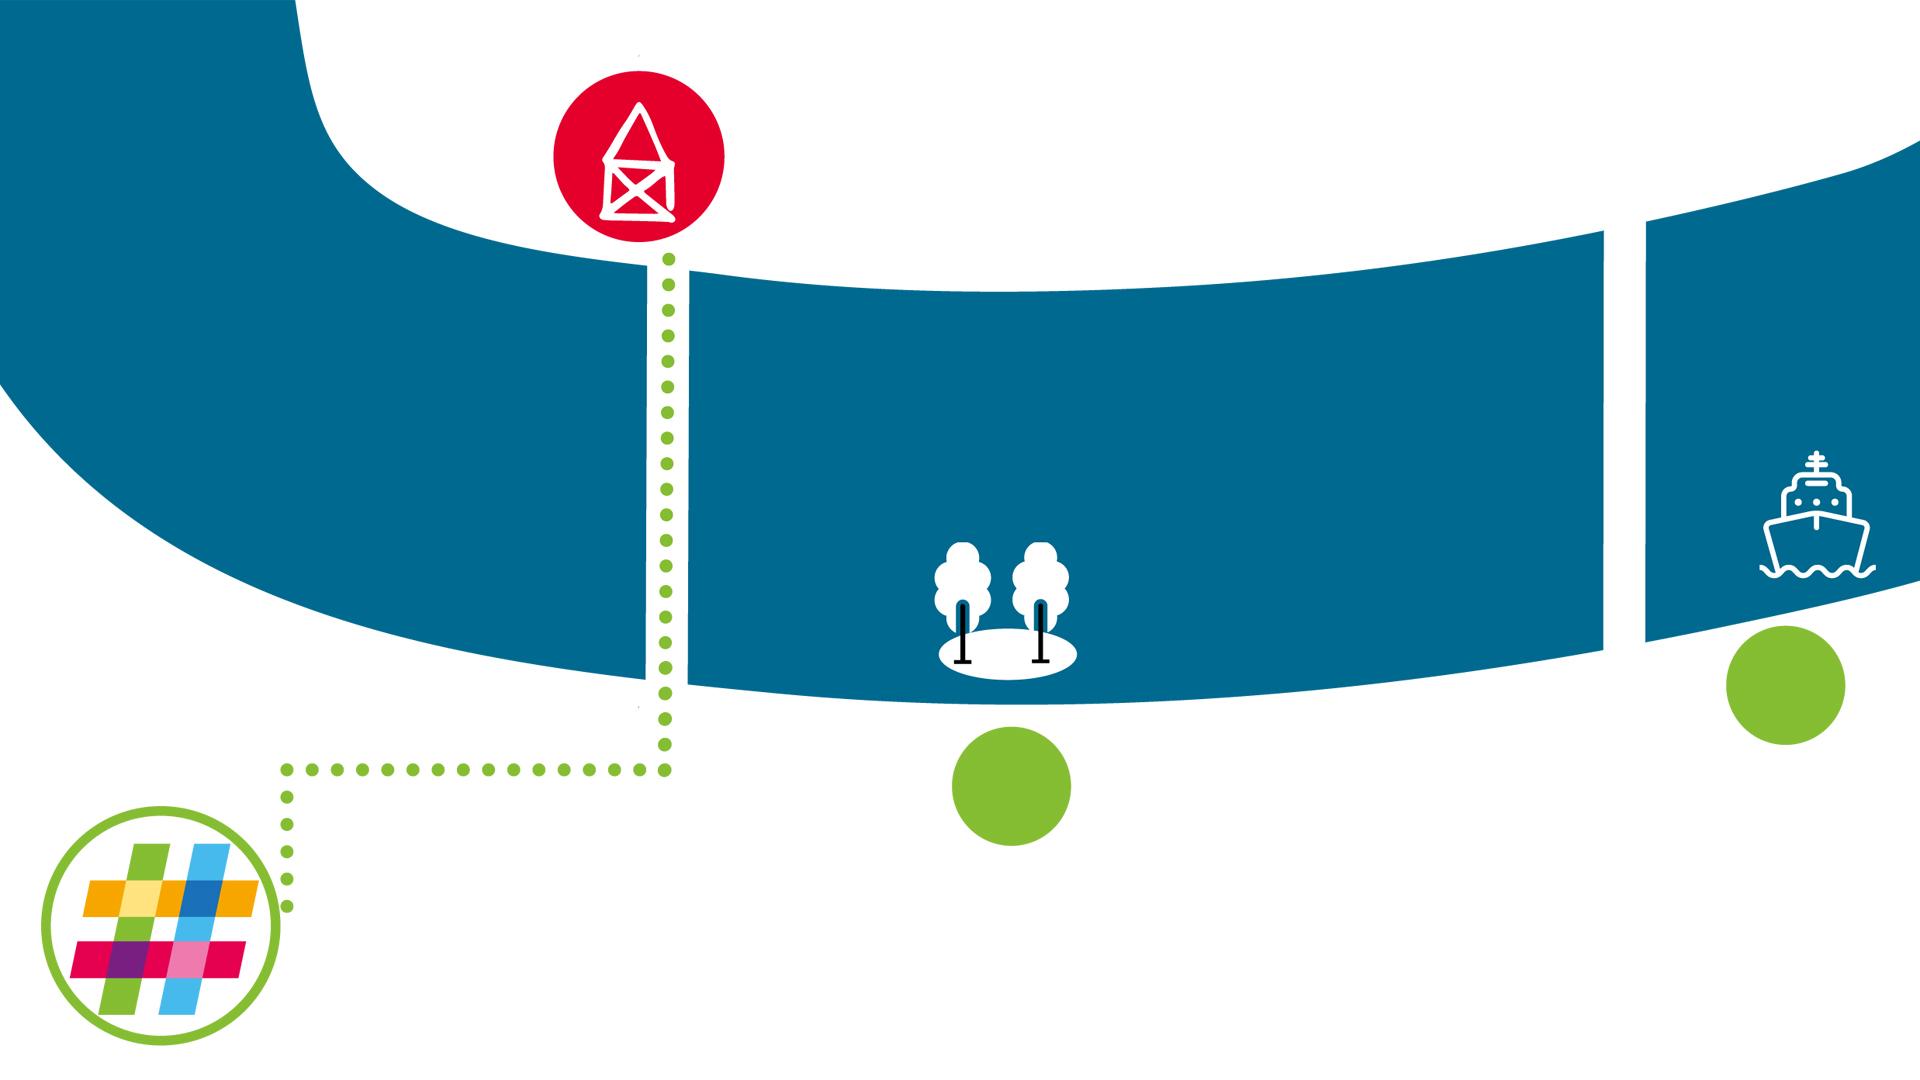 Stilisierte Grafik des Neckars mit dem Roten Haus am Fluss und dem Logo des Dezernat#16